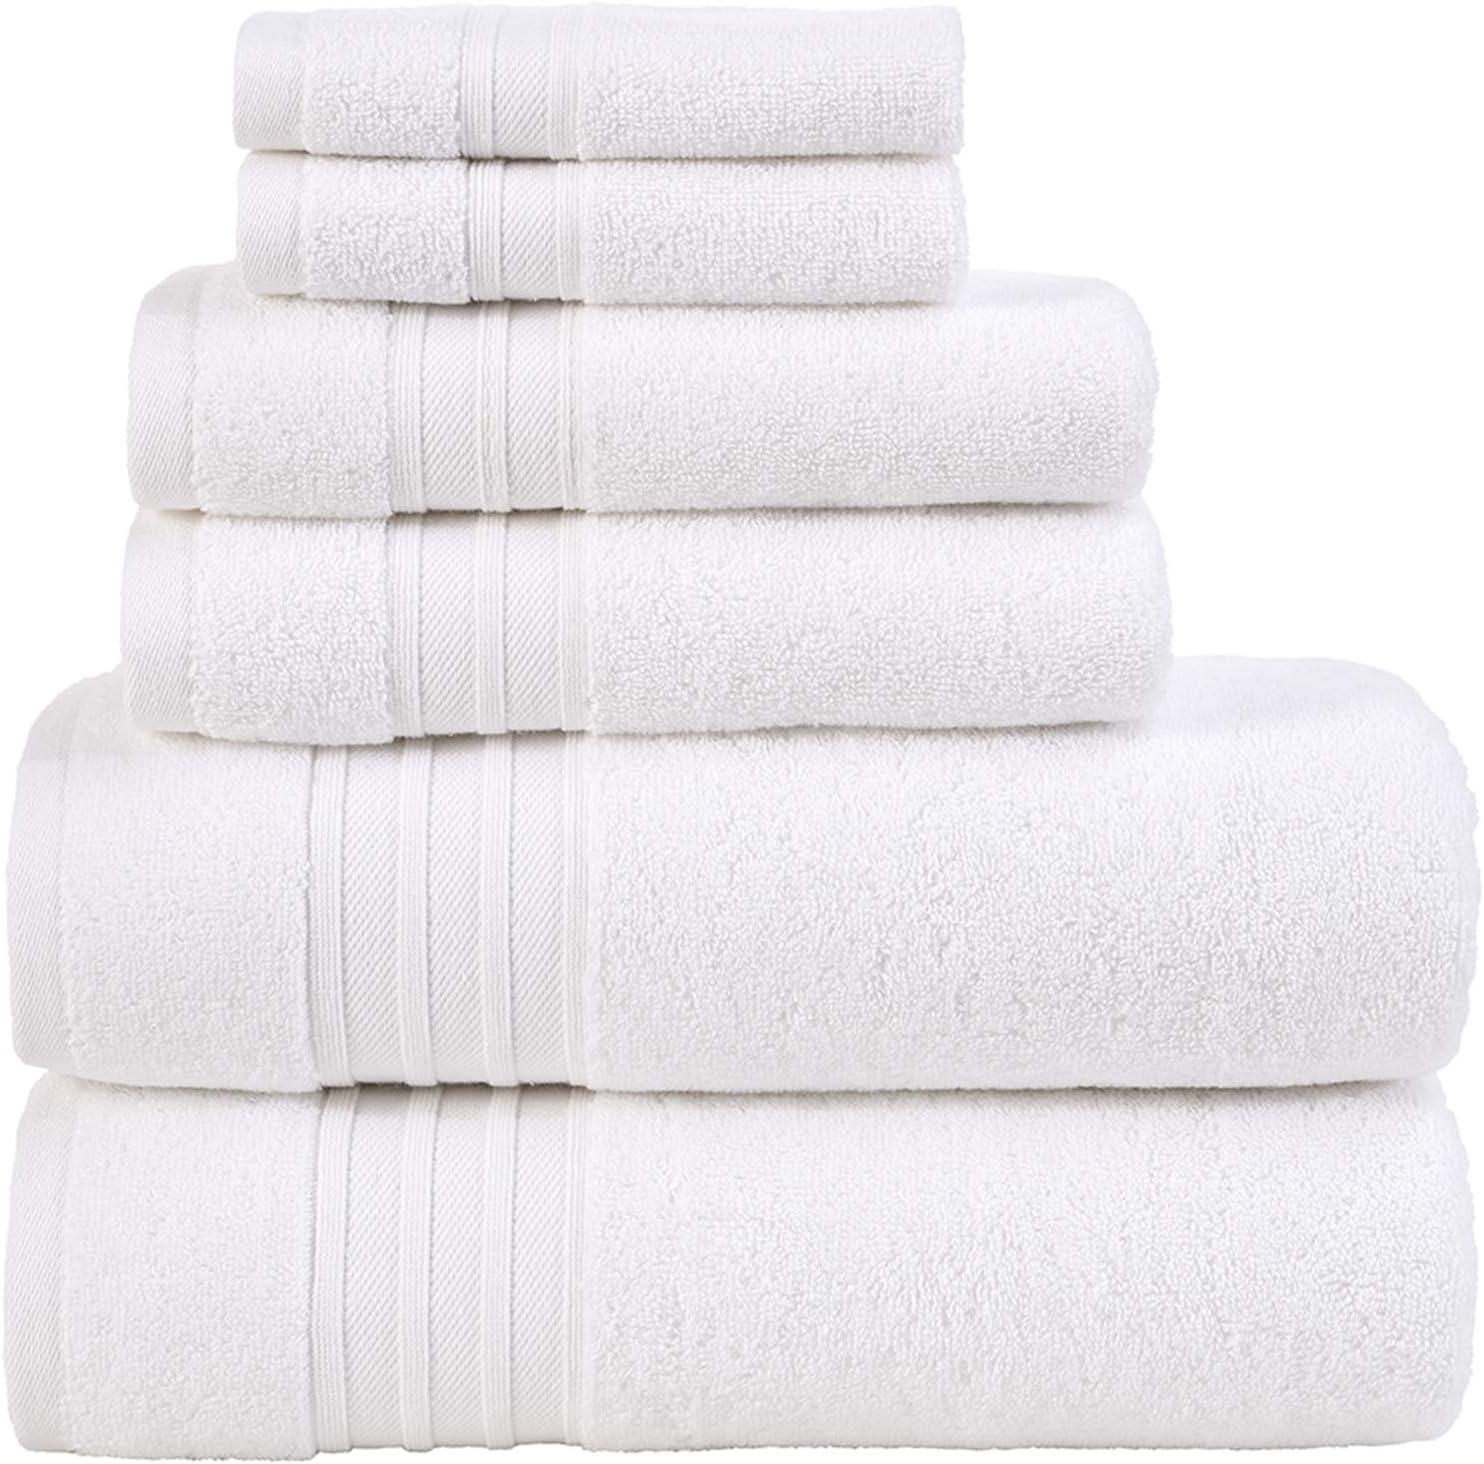 Hammam Linen White 6 Pieces Towel Set